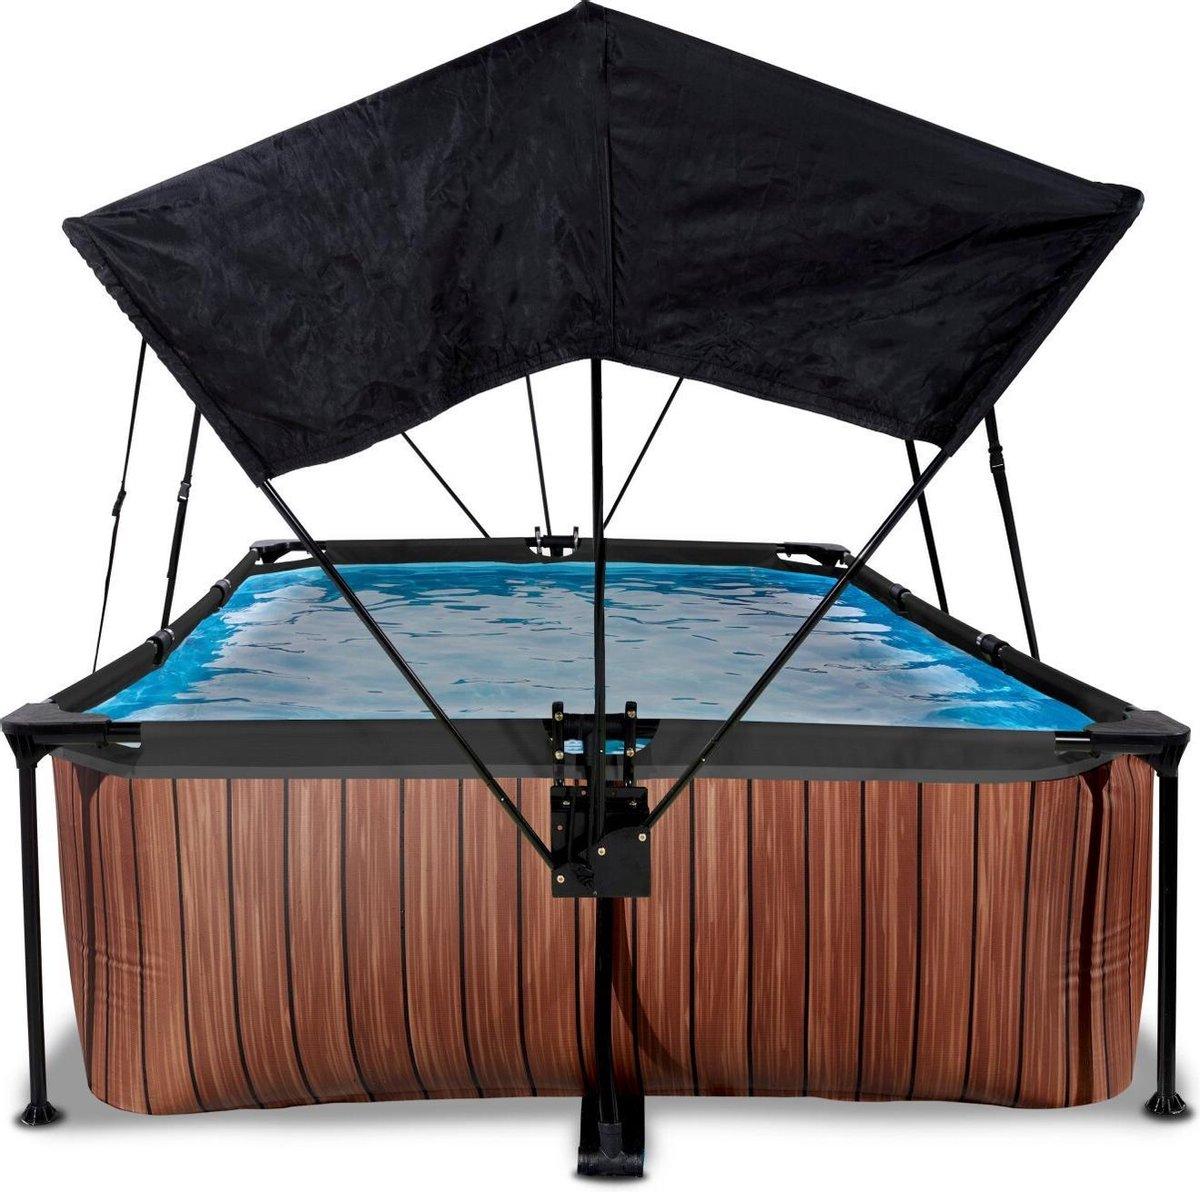 EXIT Wood zwembad 300x200x65cm met schaduwdoek en filterpomp - bruin